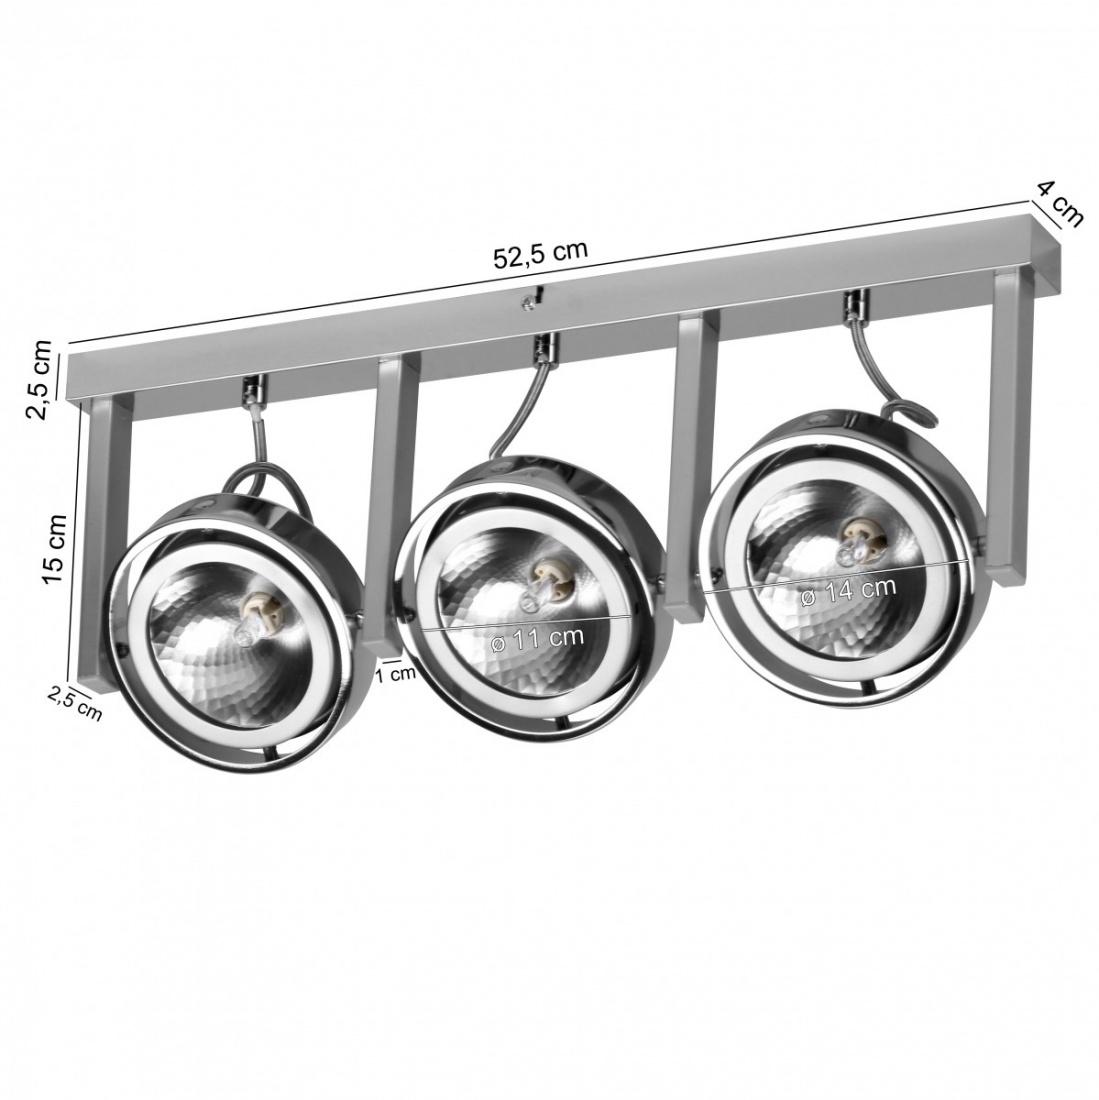 Verschiedene Lampe 3 Flammig Foto Von Spot-lampe 3-flammig Deckenleuchte Strahler Spotsystem G9 52w